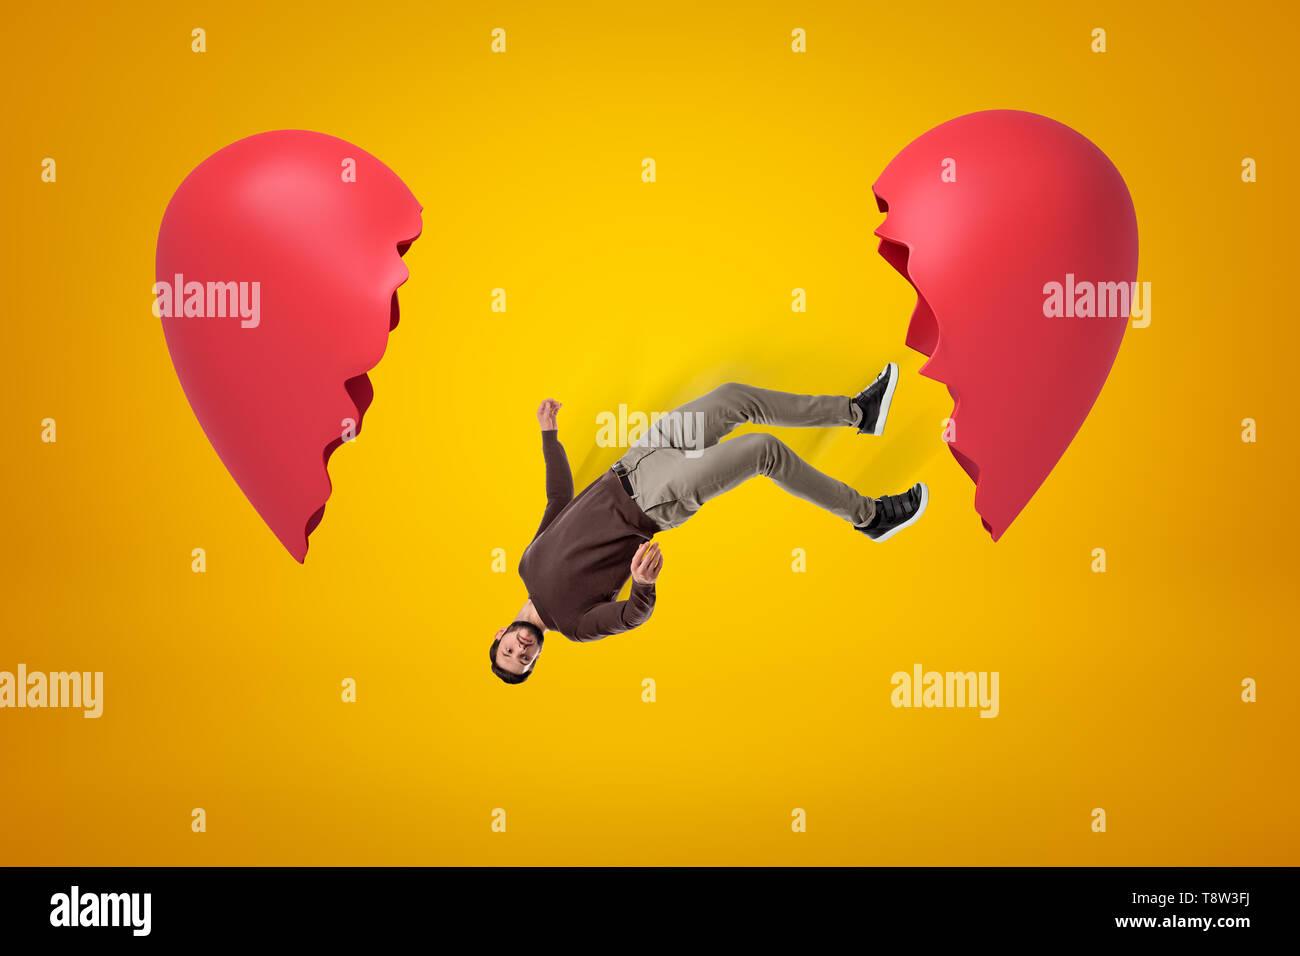 Giovane uomo in abiti casual cadere tra due cuore spezzato pezzi su sfondo giallo Immagini Stock